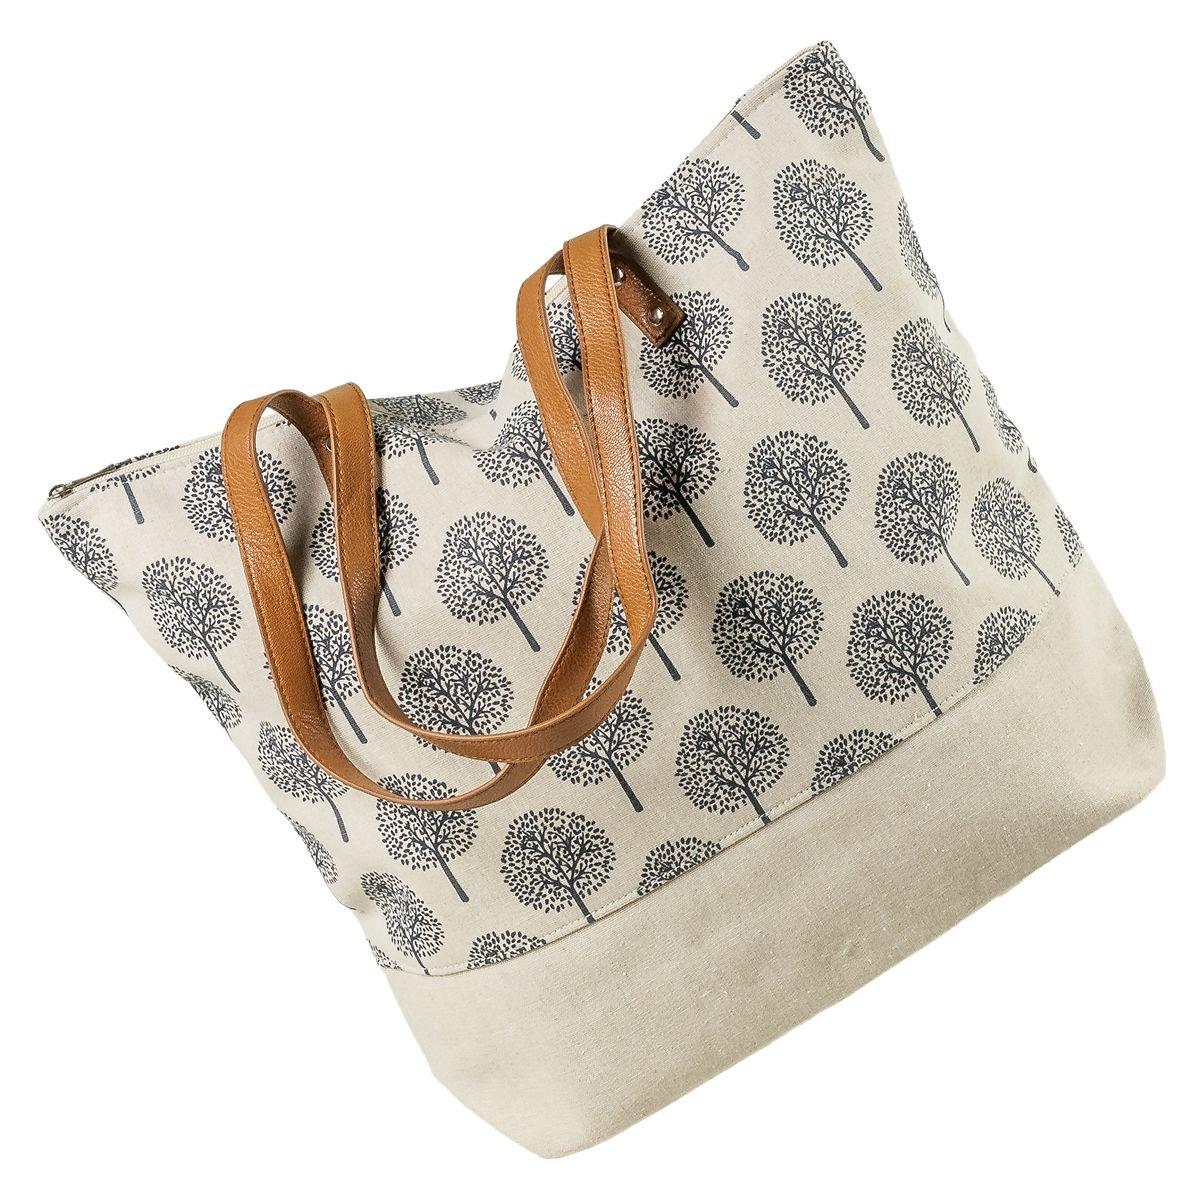 LaFiore24 Shopper Einkaufstasche Damen Umhängetasche Baum Strandtasche Badetasche Reissverschluss (beige) LA FIORE 24